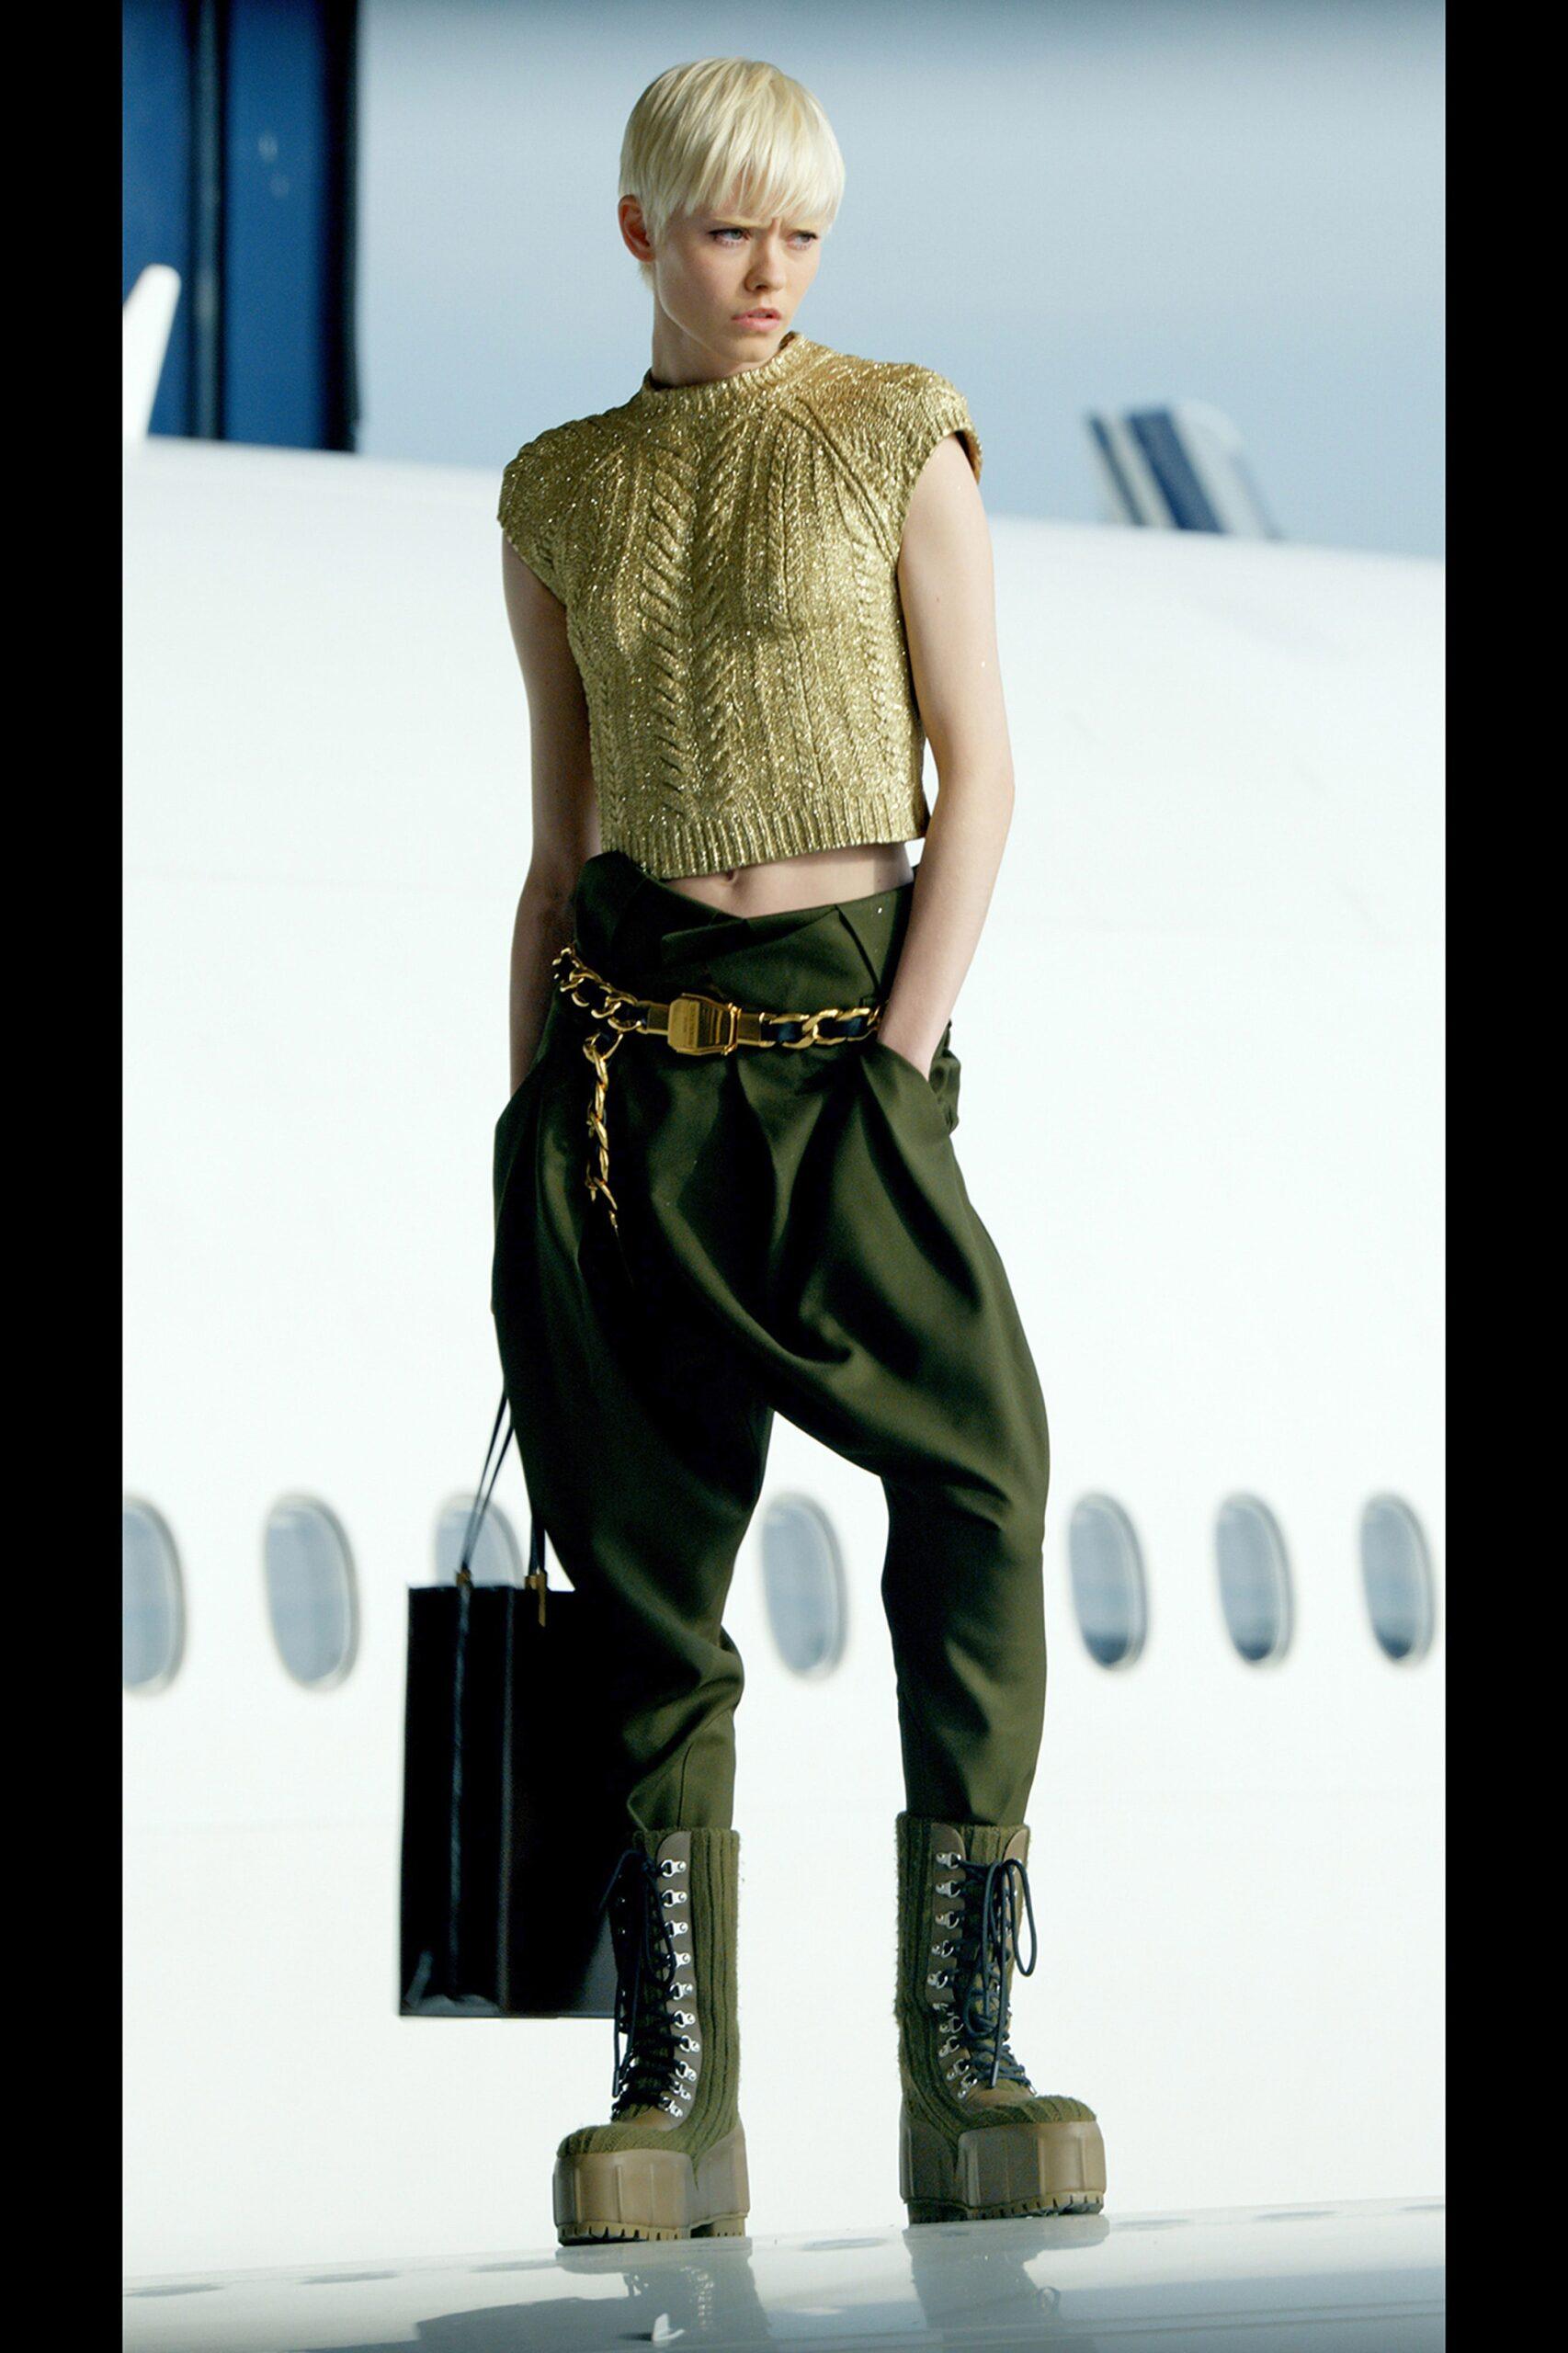 модные сапоги осень зима 2021 2022 армейские берцы на шнуровке зеленые хаки